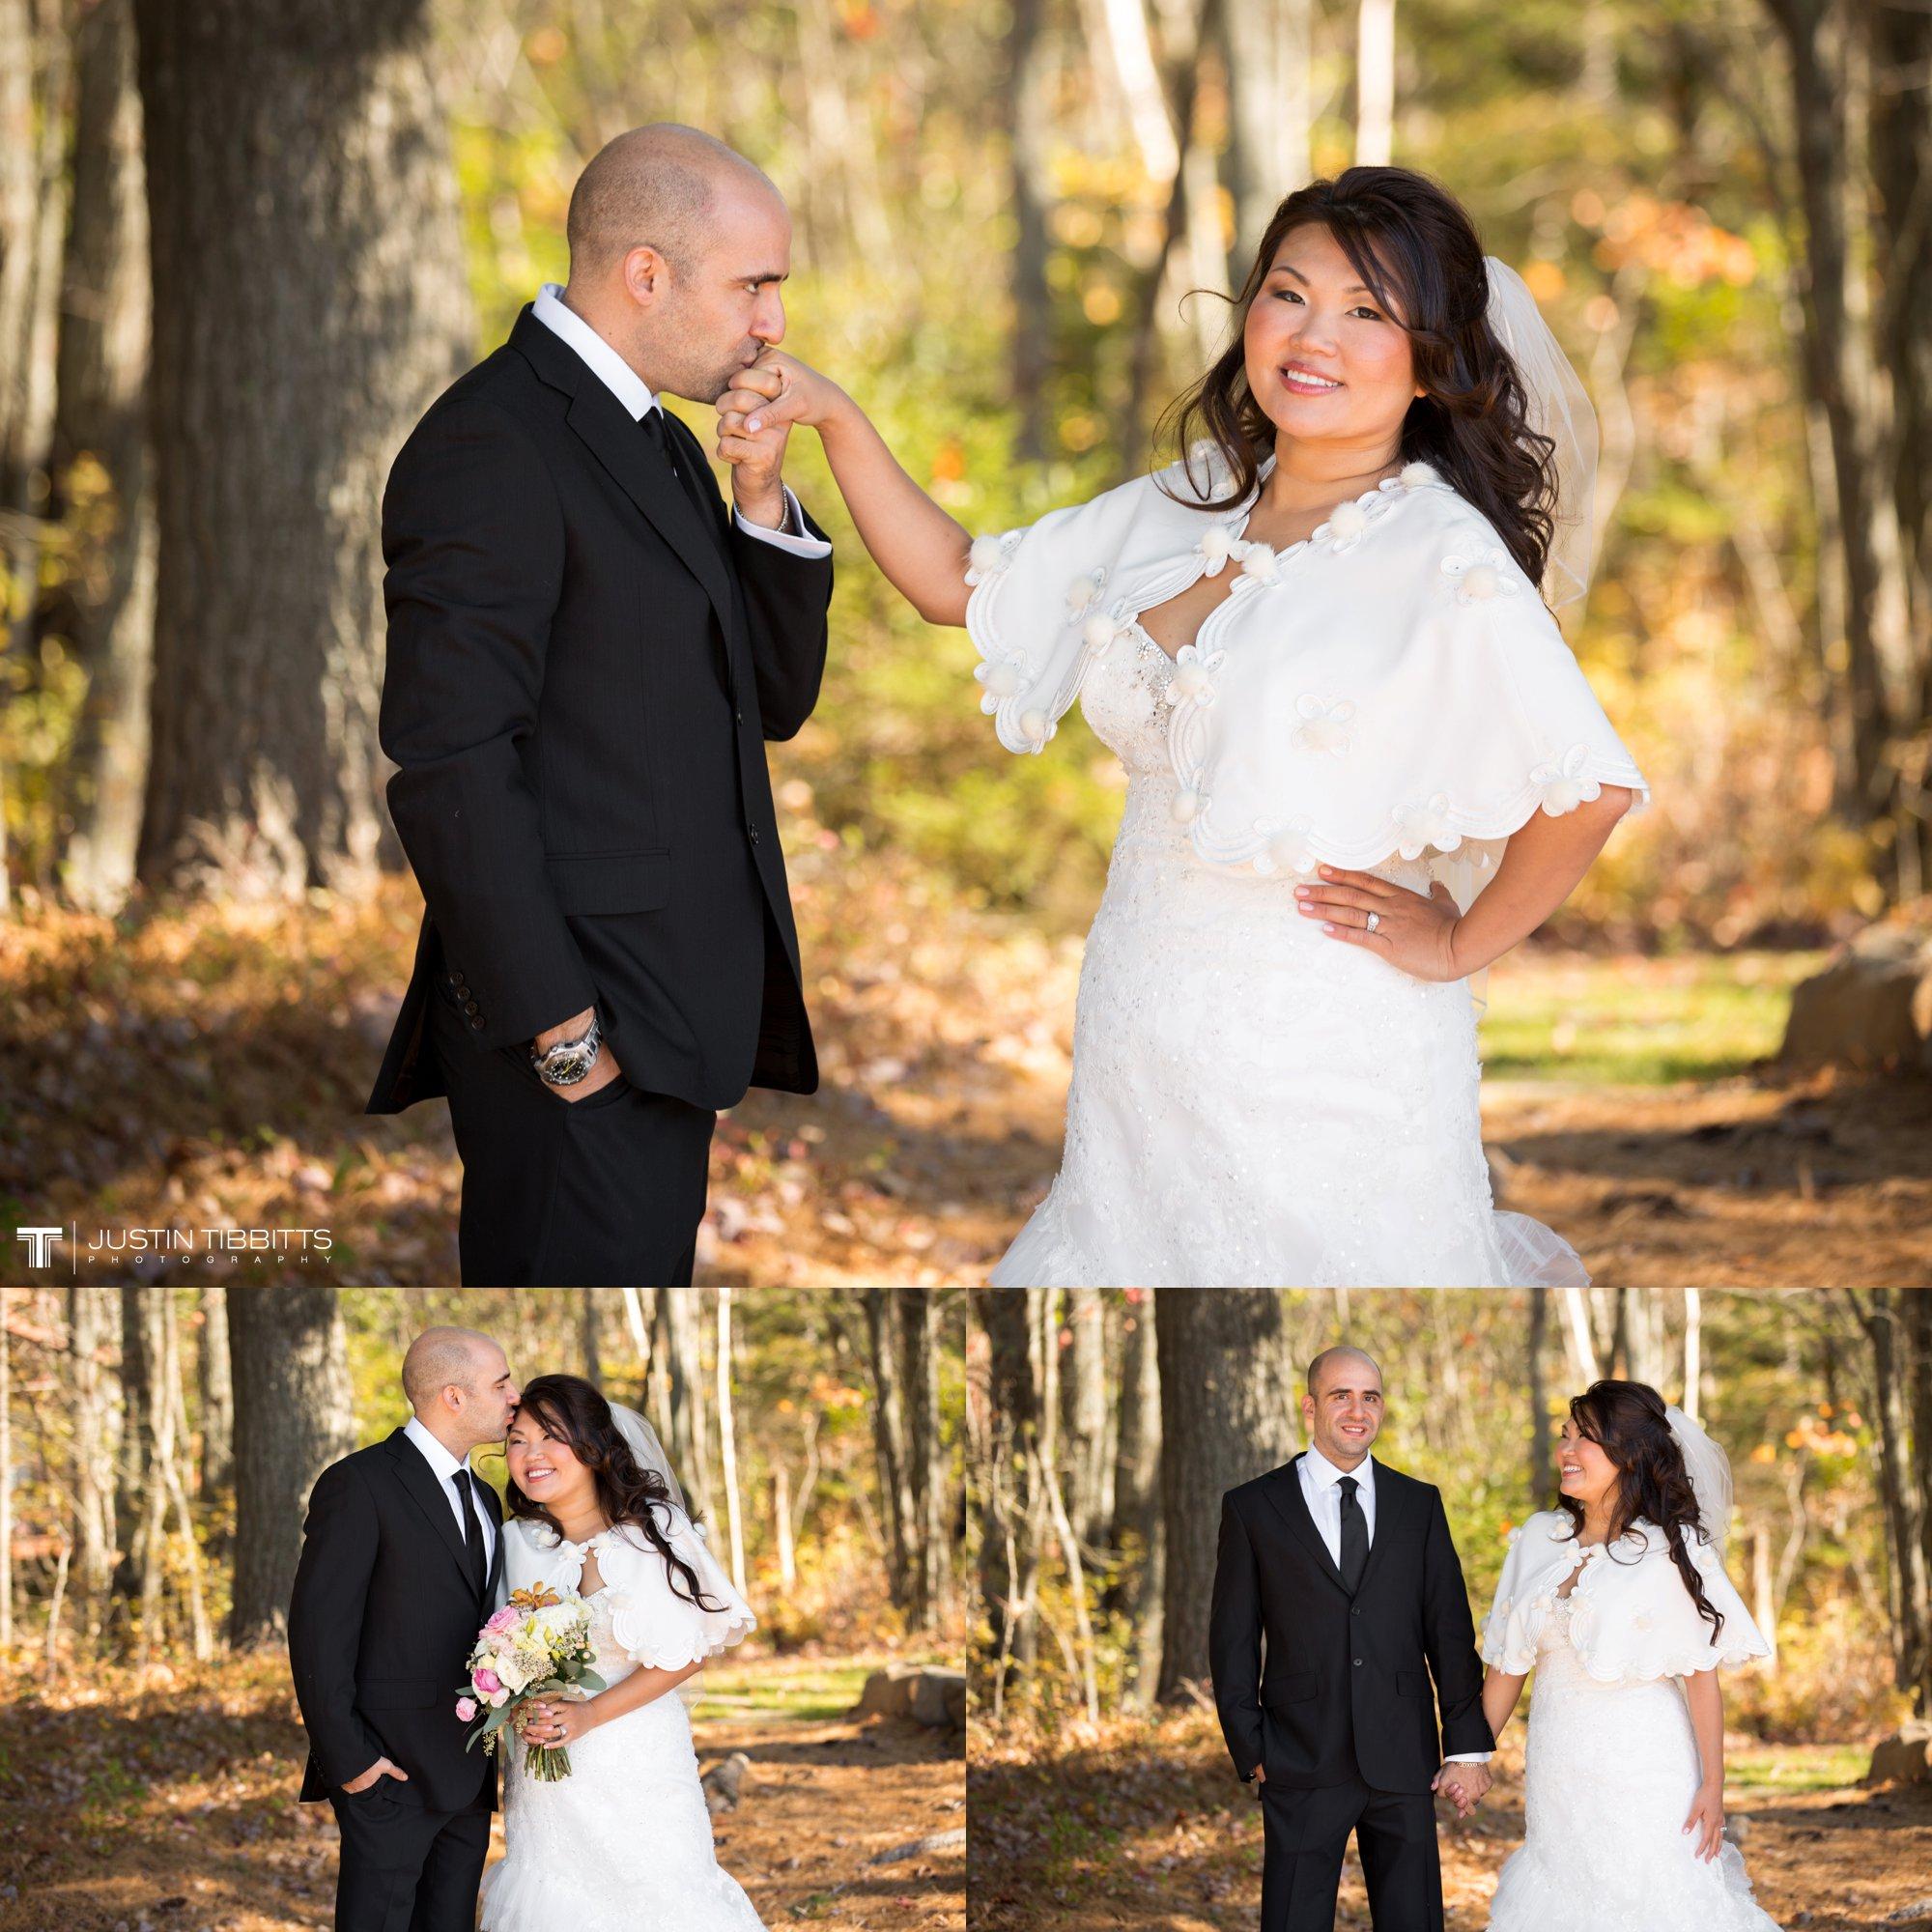 Albany NY Wedding Photographer Justin Tibbitts Photography 2014 Best of Albany NY Weddings-32612092